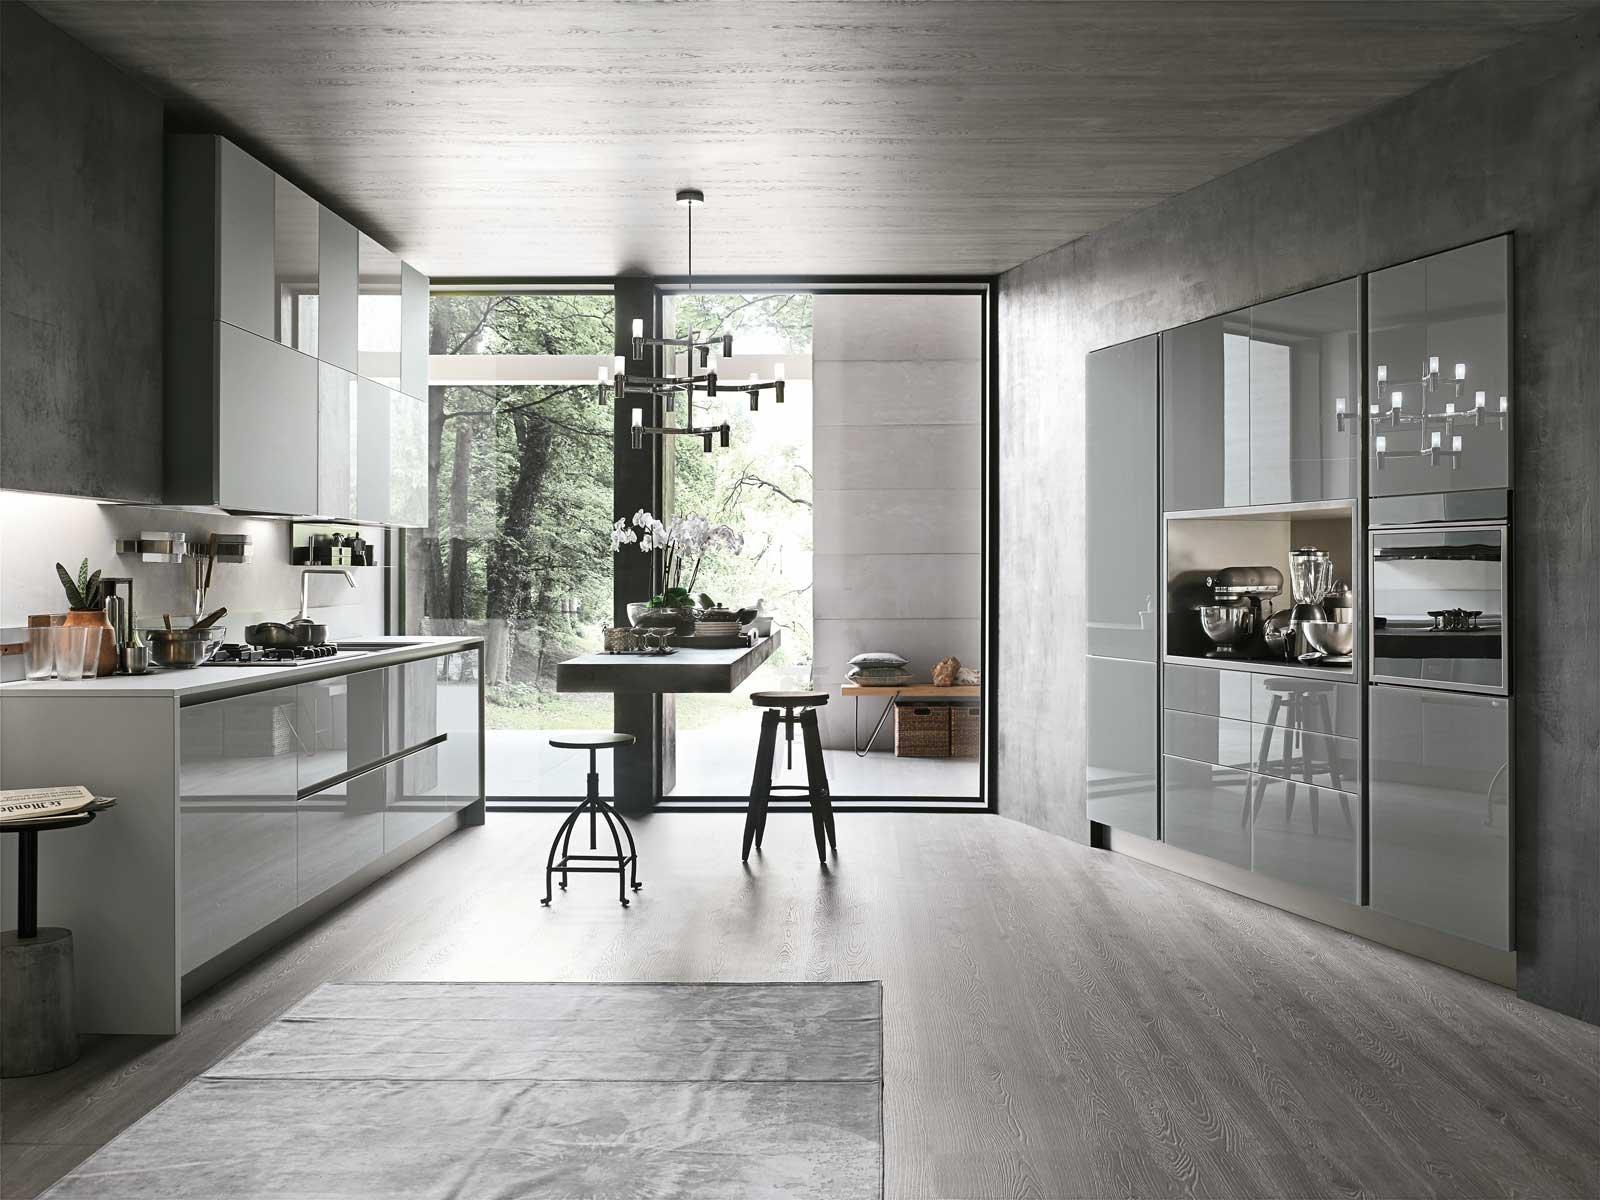 Cucine in vetro laccato cose di casa for Cucine immagini